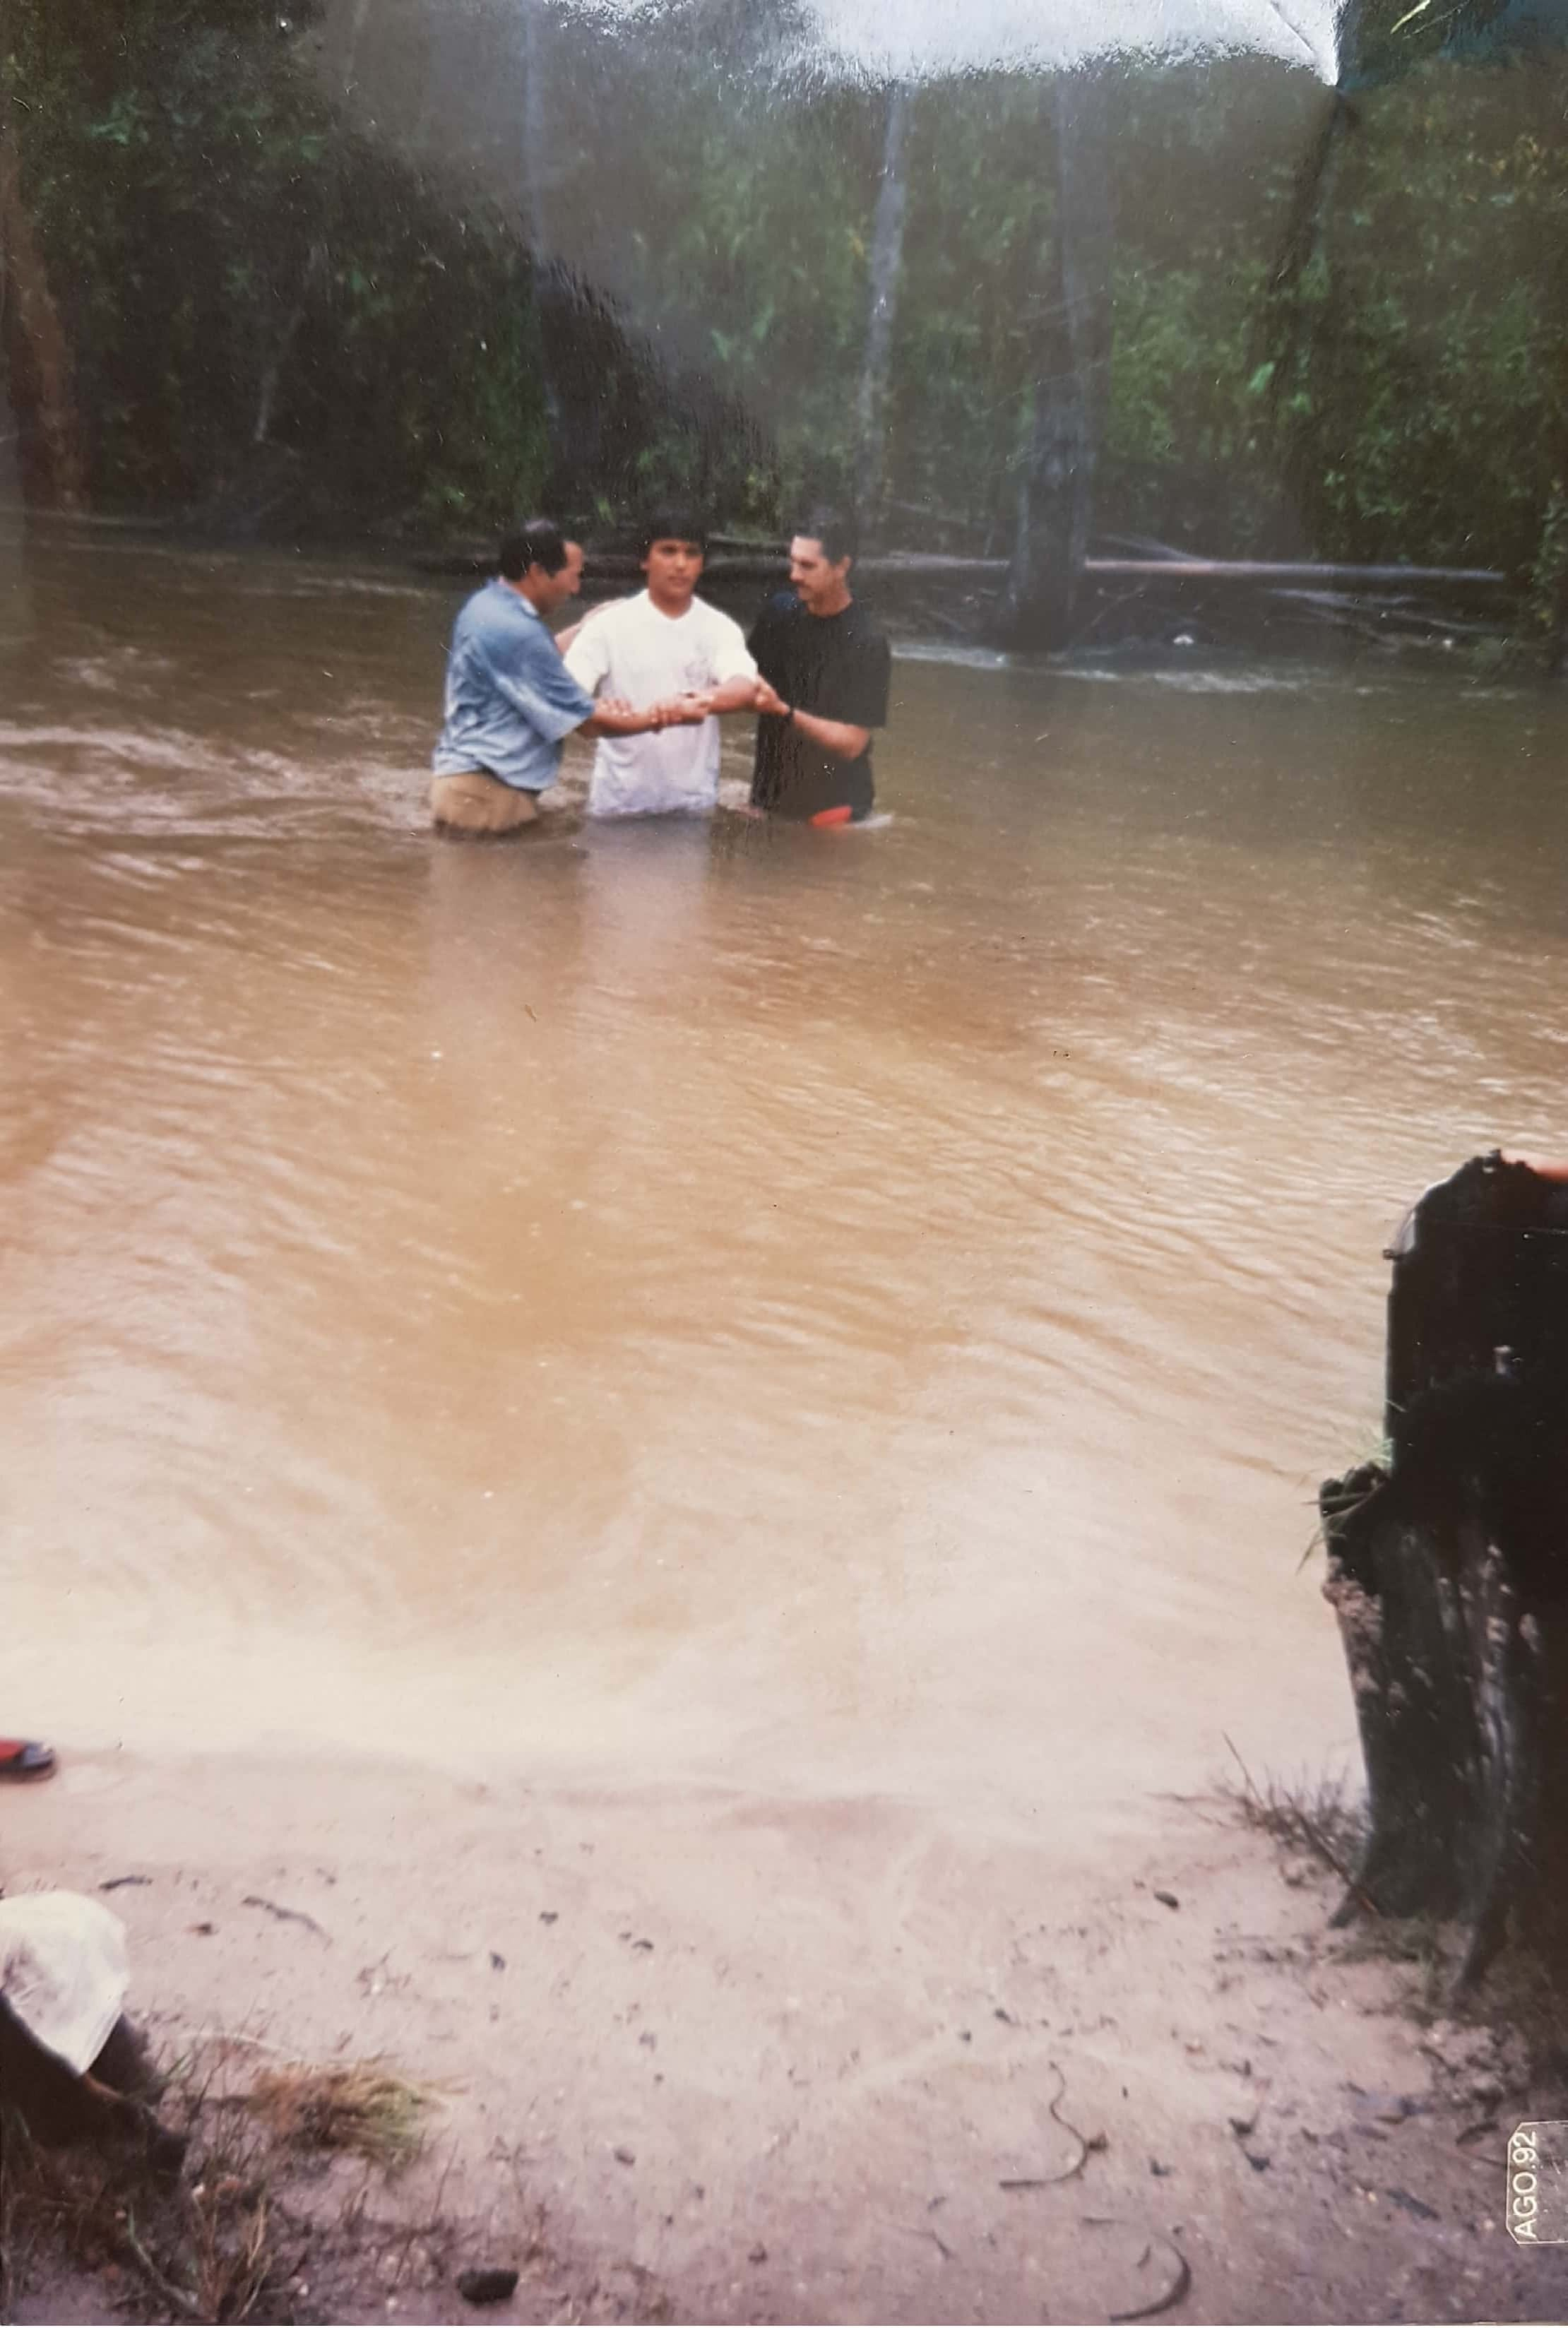 Em 1992, a igreja continua crescendo. Mais um batismo se realiza, agora com sete novas vidas. O irmão Ianck está presente ao lado do pastor Martin dando seu apoio à obra, auxiliando-o no batismo.